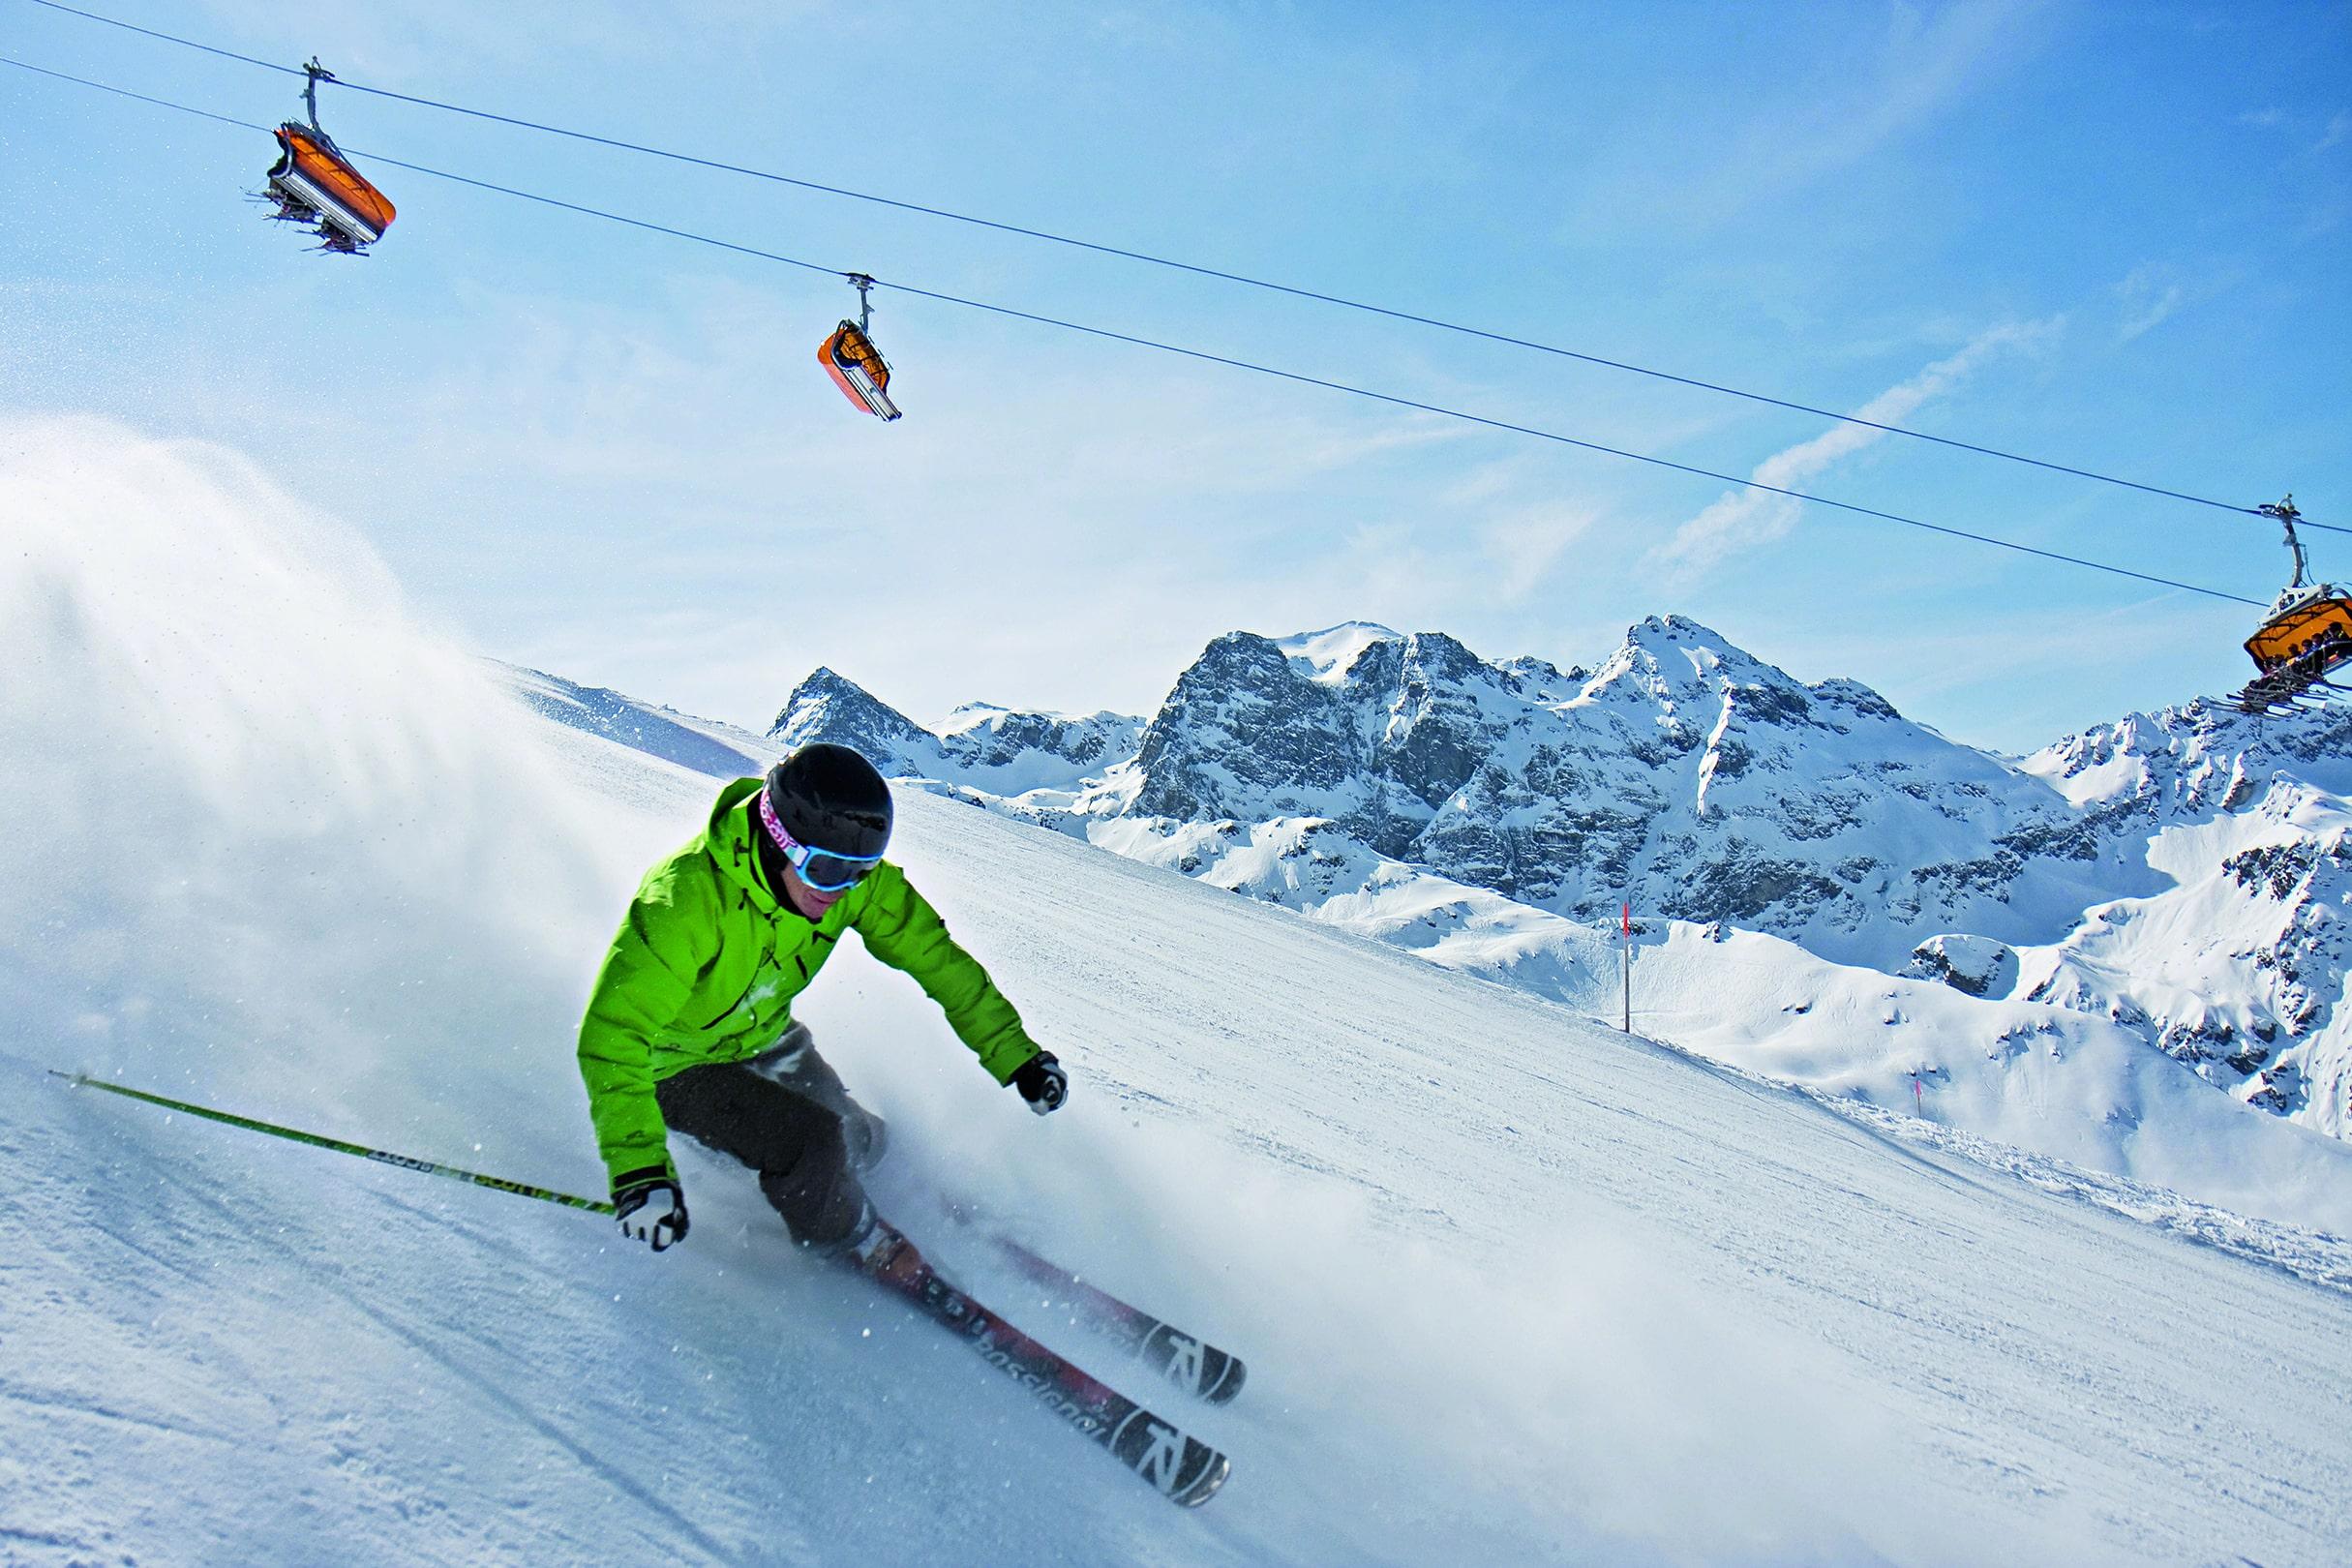 Schifahrer auf der Piste der Silvretta Montafon im Winterurlaub im JUFA Hotel Montafon. Der Ort für erholsamen Familienurlaub und einen unvergesslichen Winterurlaub.